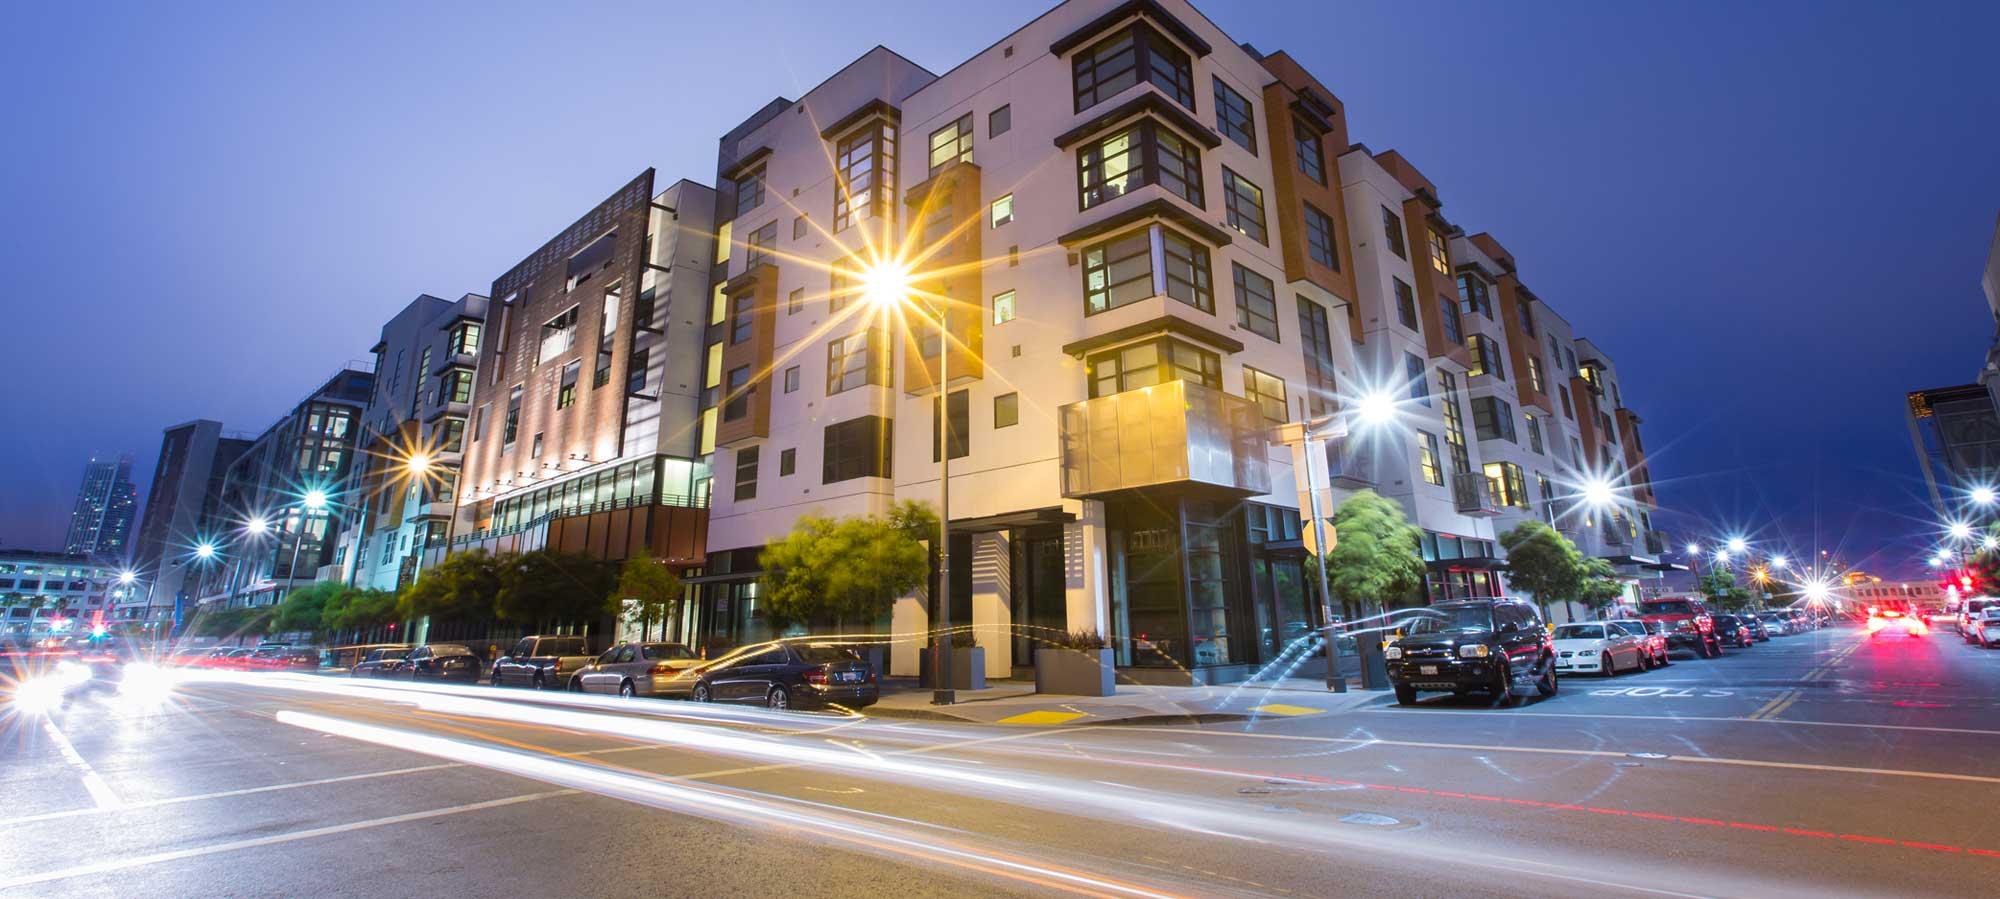 Venue Apartments San Francisco